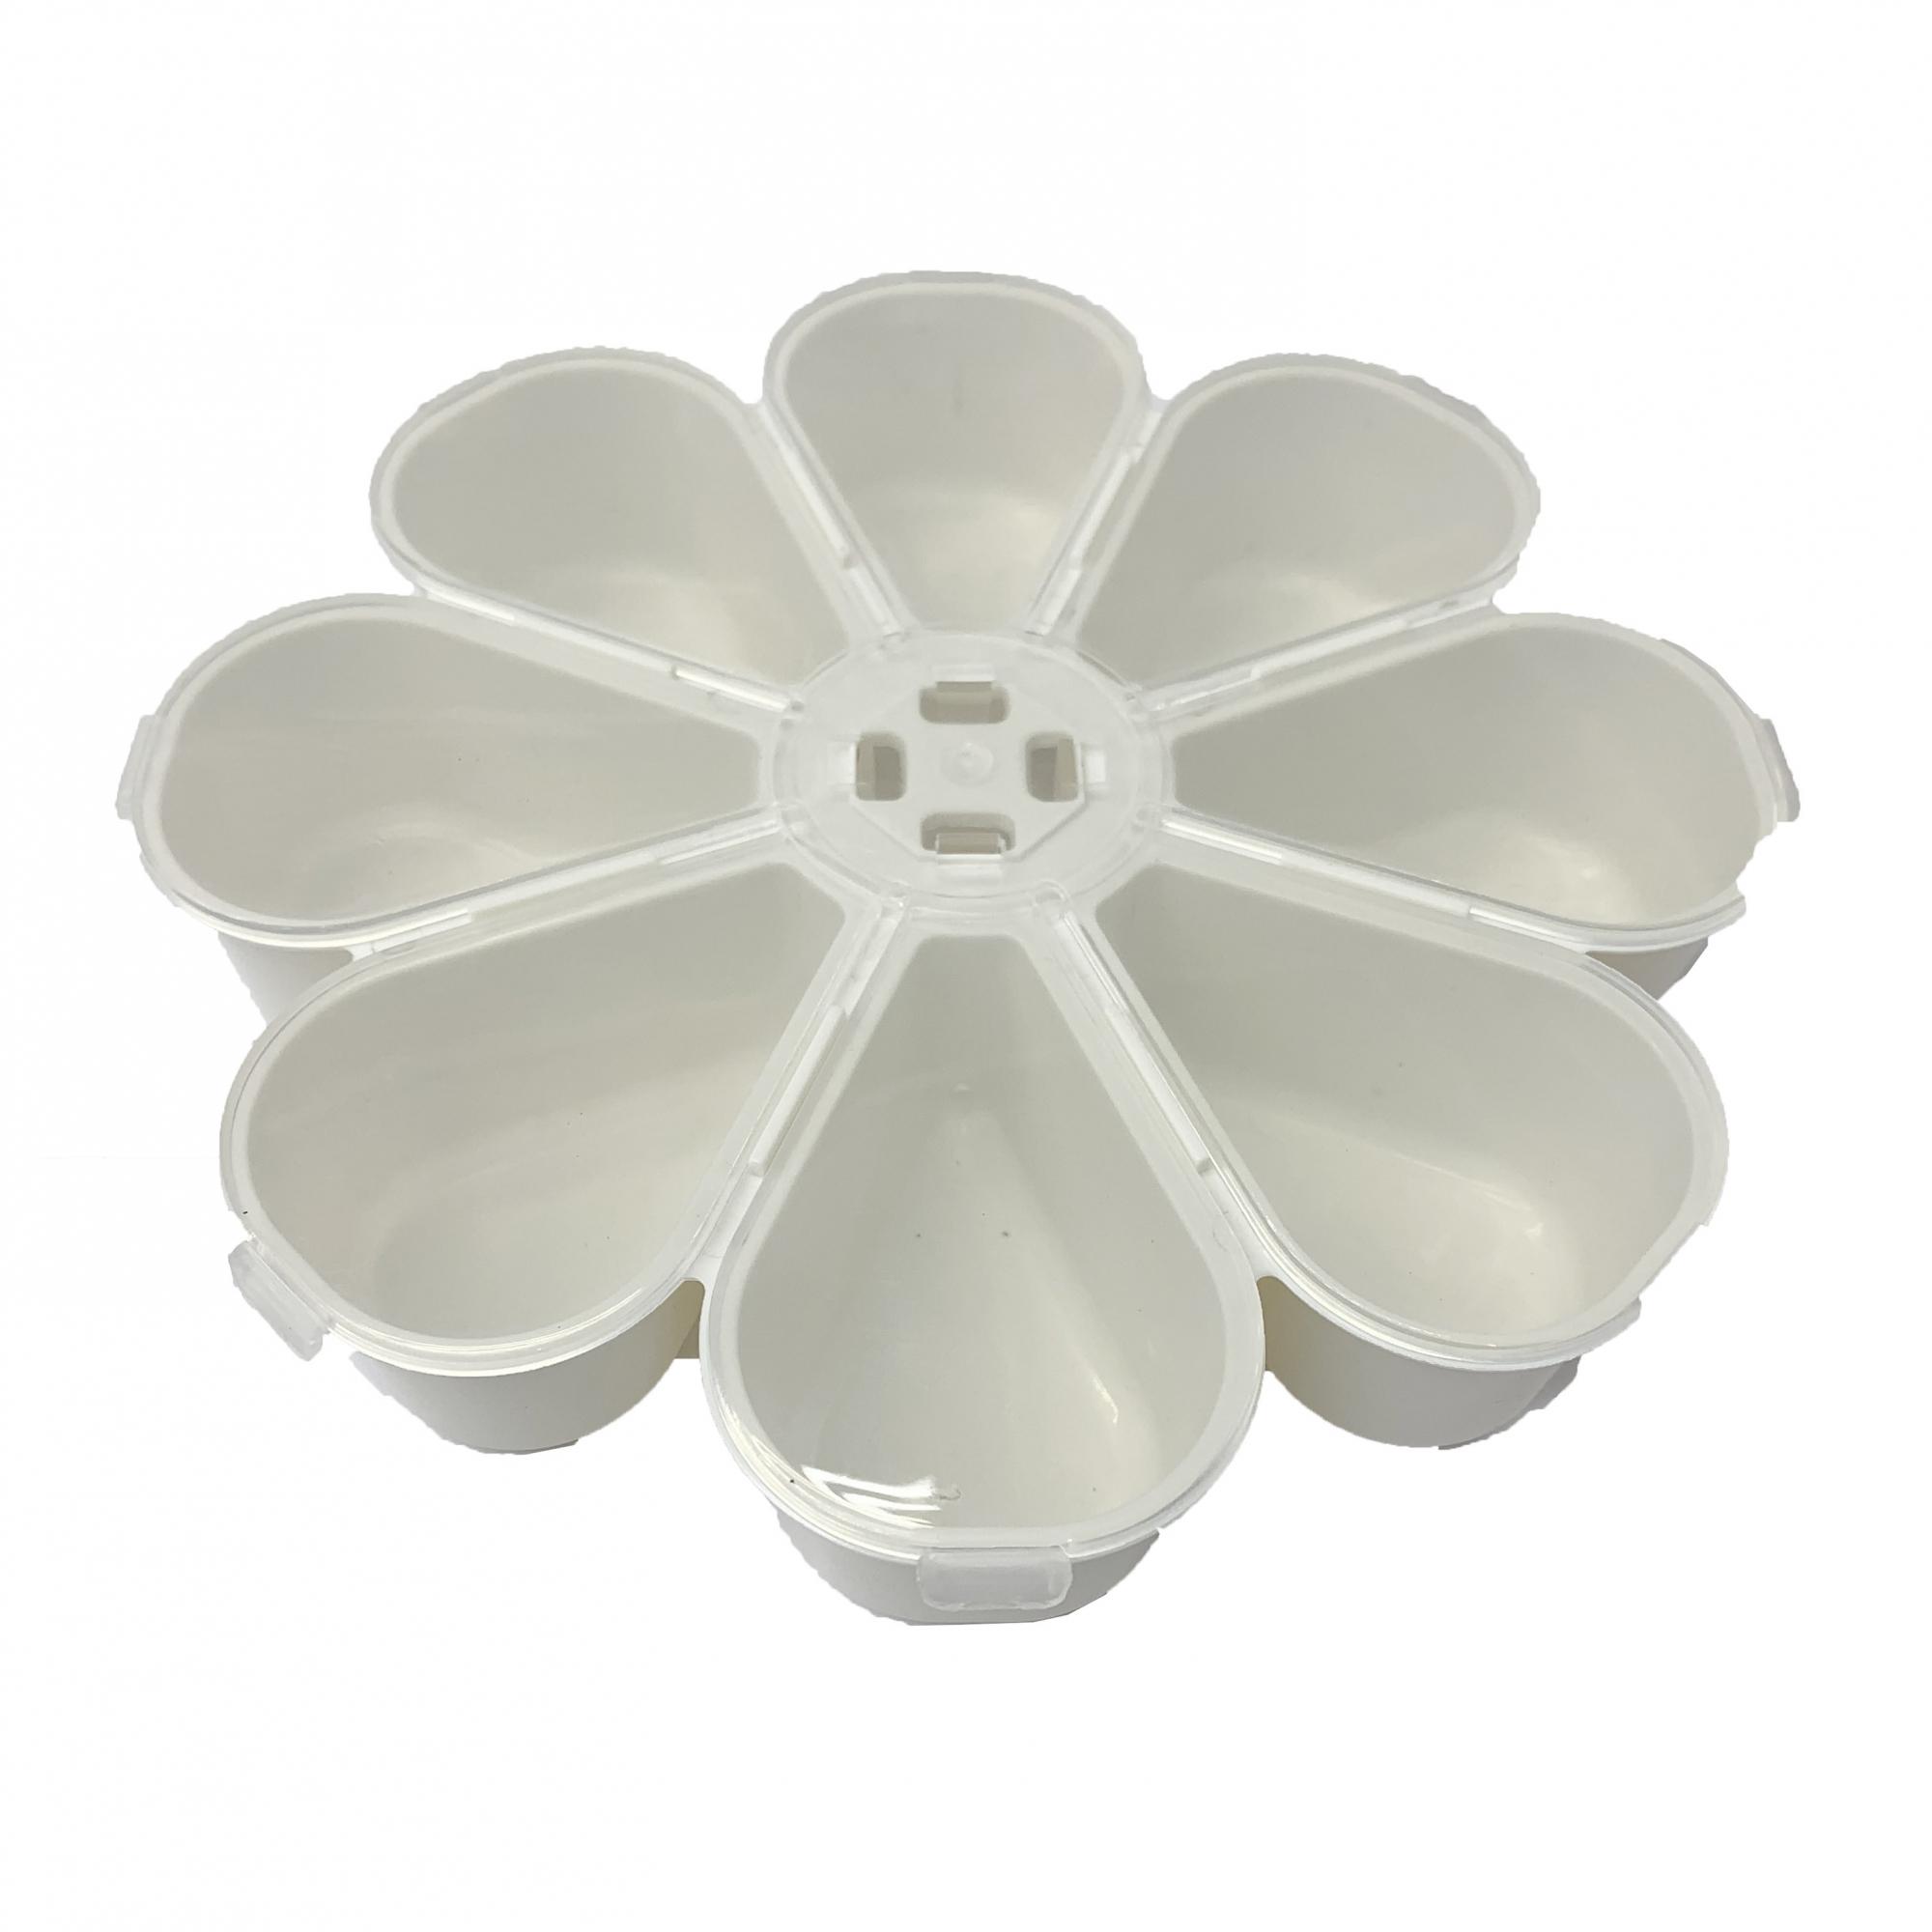 Caixa Organizadora Flor - Transparente e Branca  - Universo Religioso® - Artigos de Umbanda e Candomblé